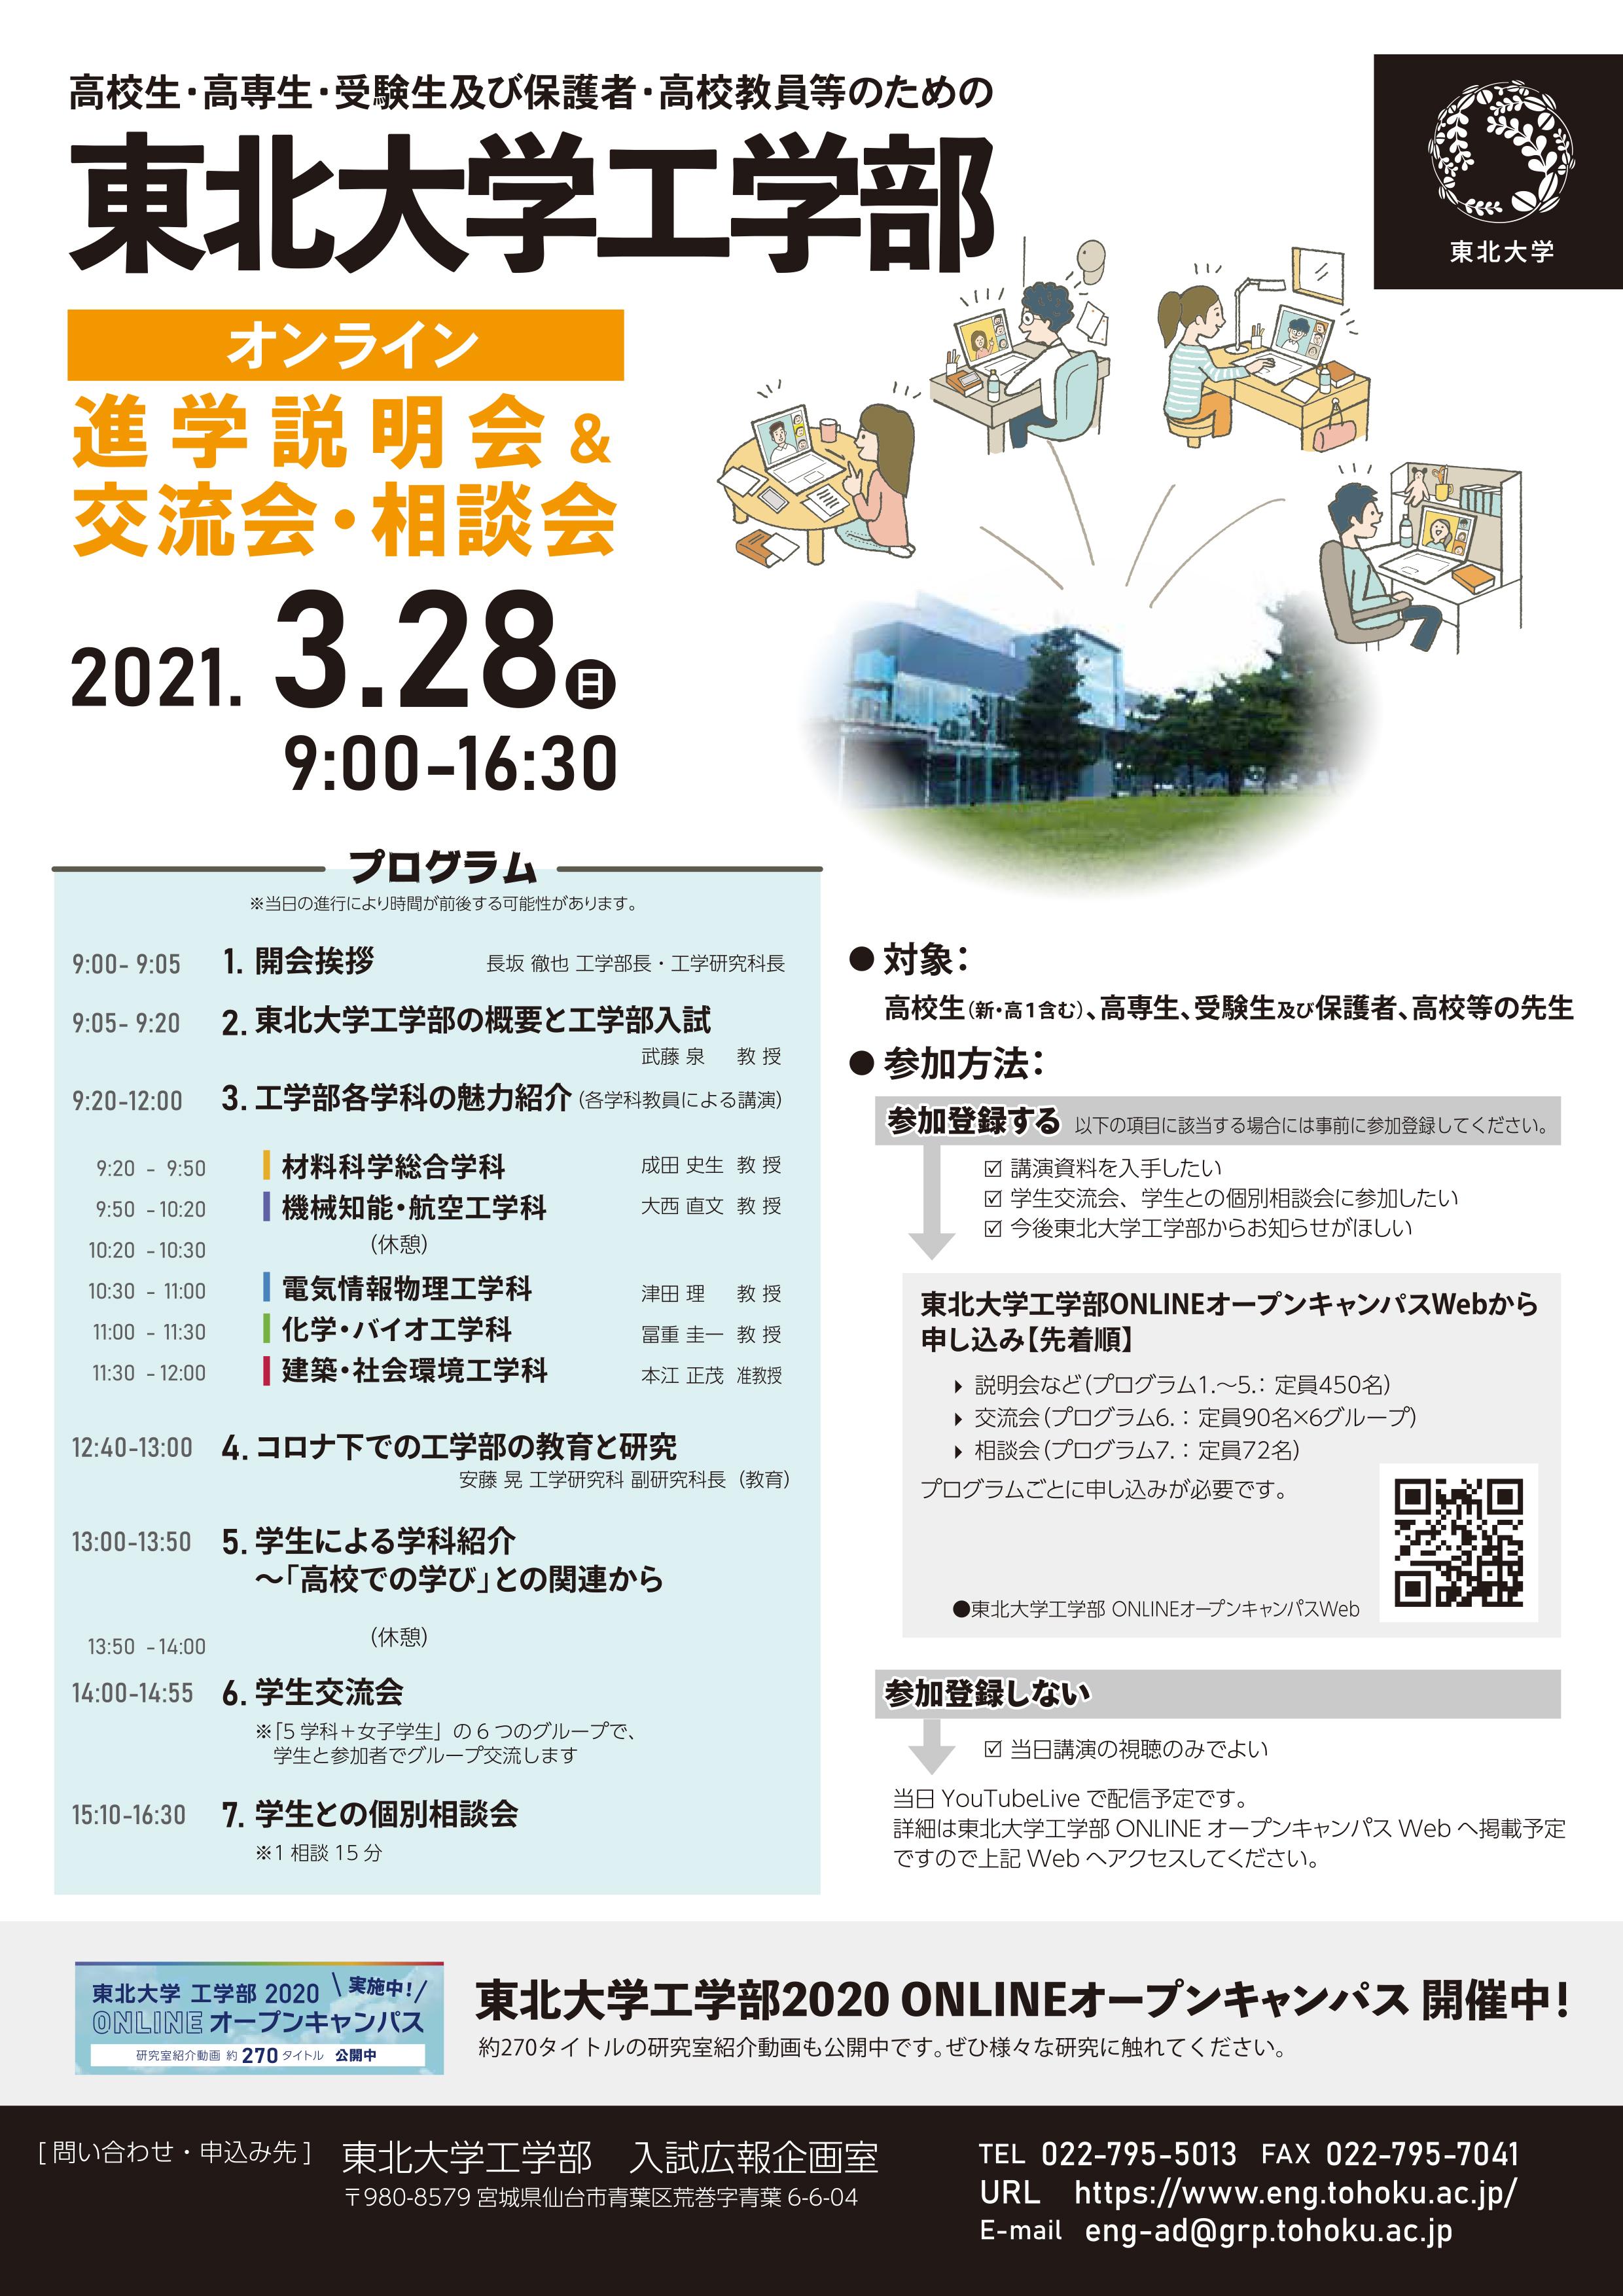 東北大学工学部が3月28日に「オンライン進学説明会&交流会・相談会」を開催